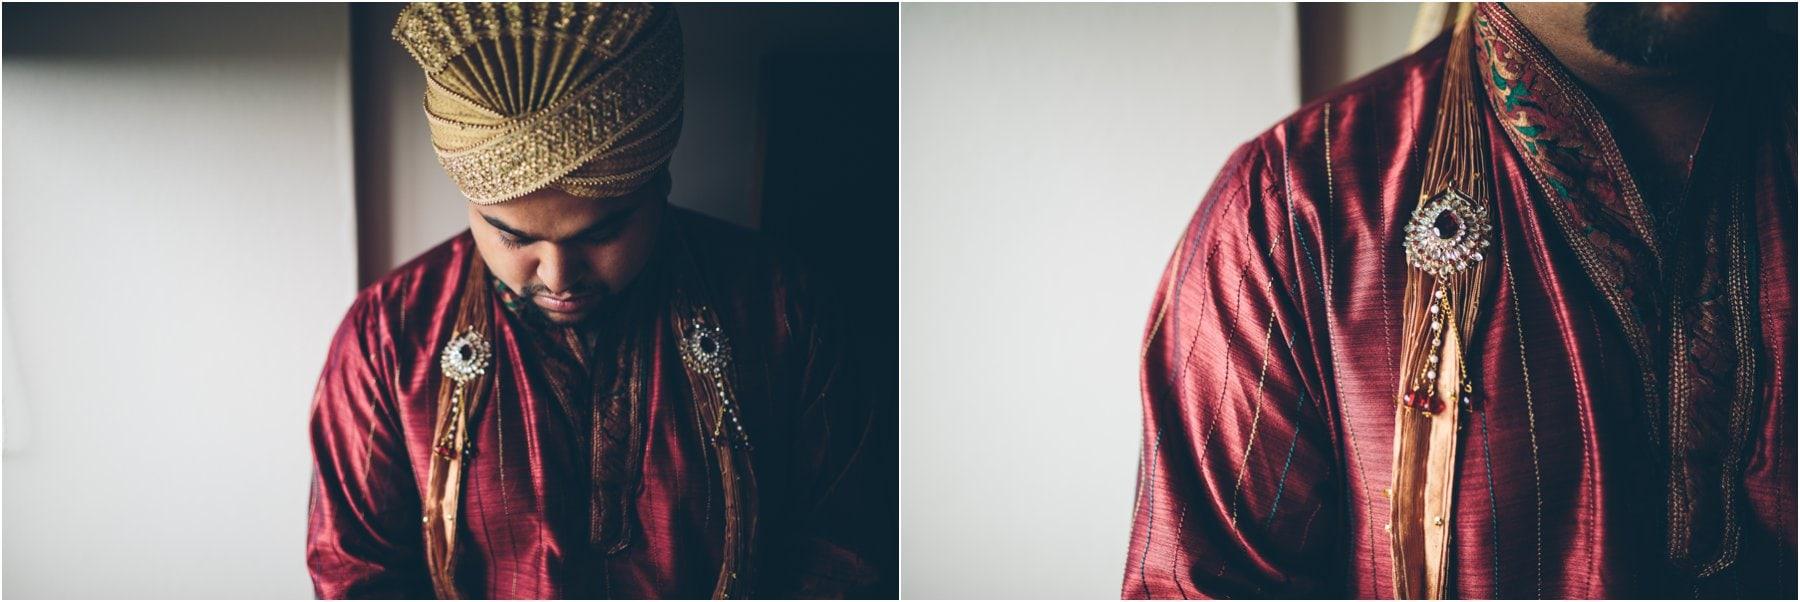 Lancashire_Indian_Wedding_Photography_0011